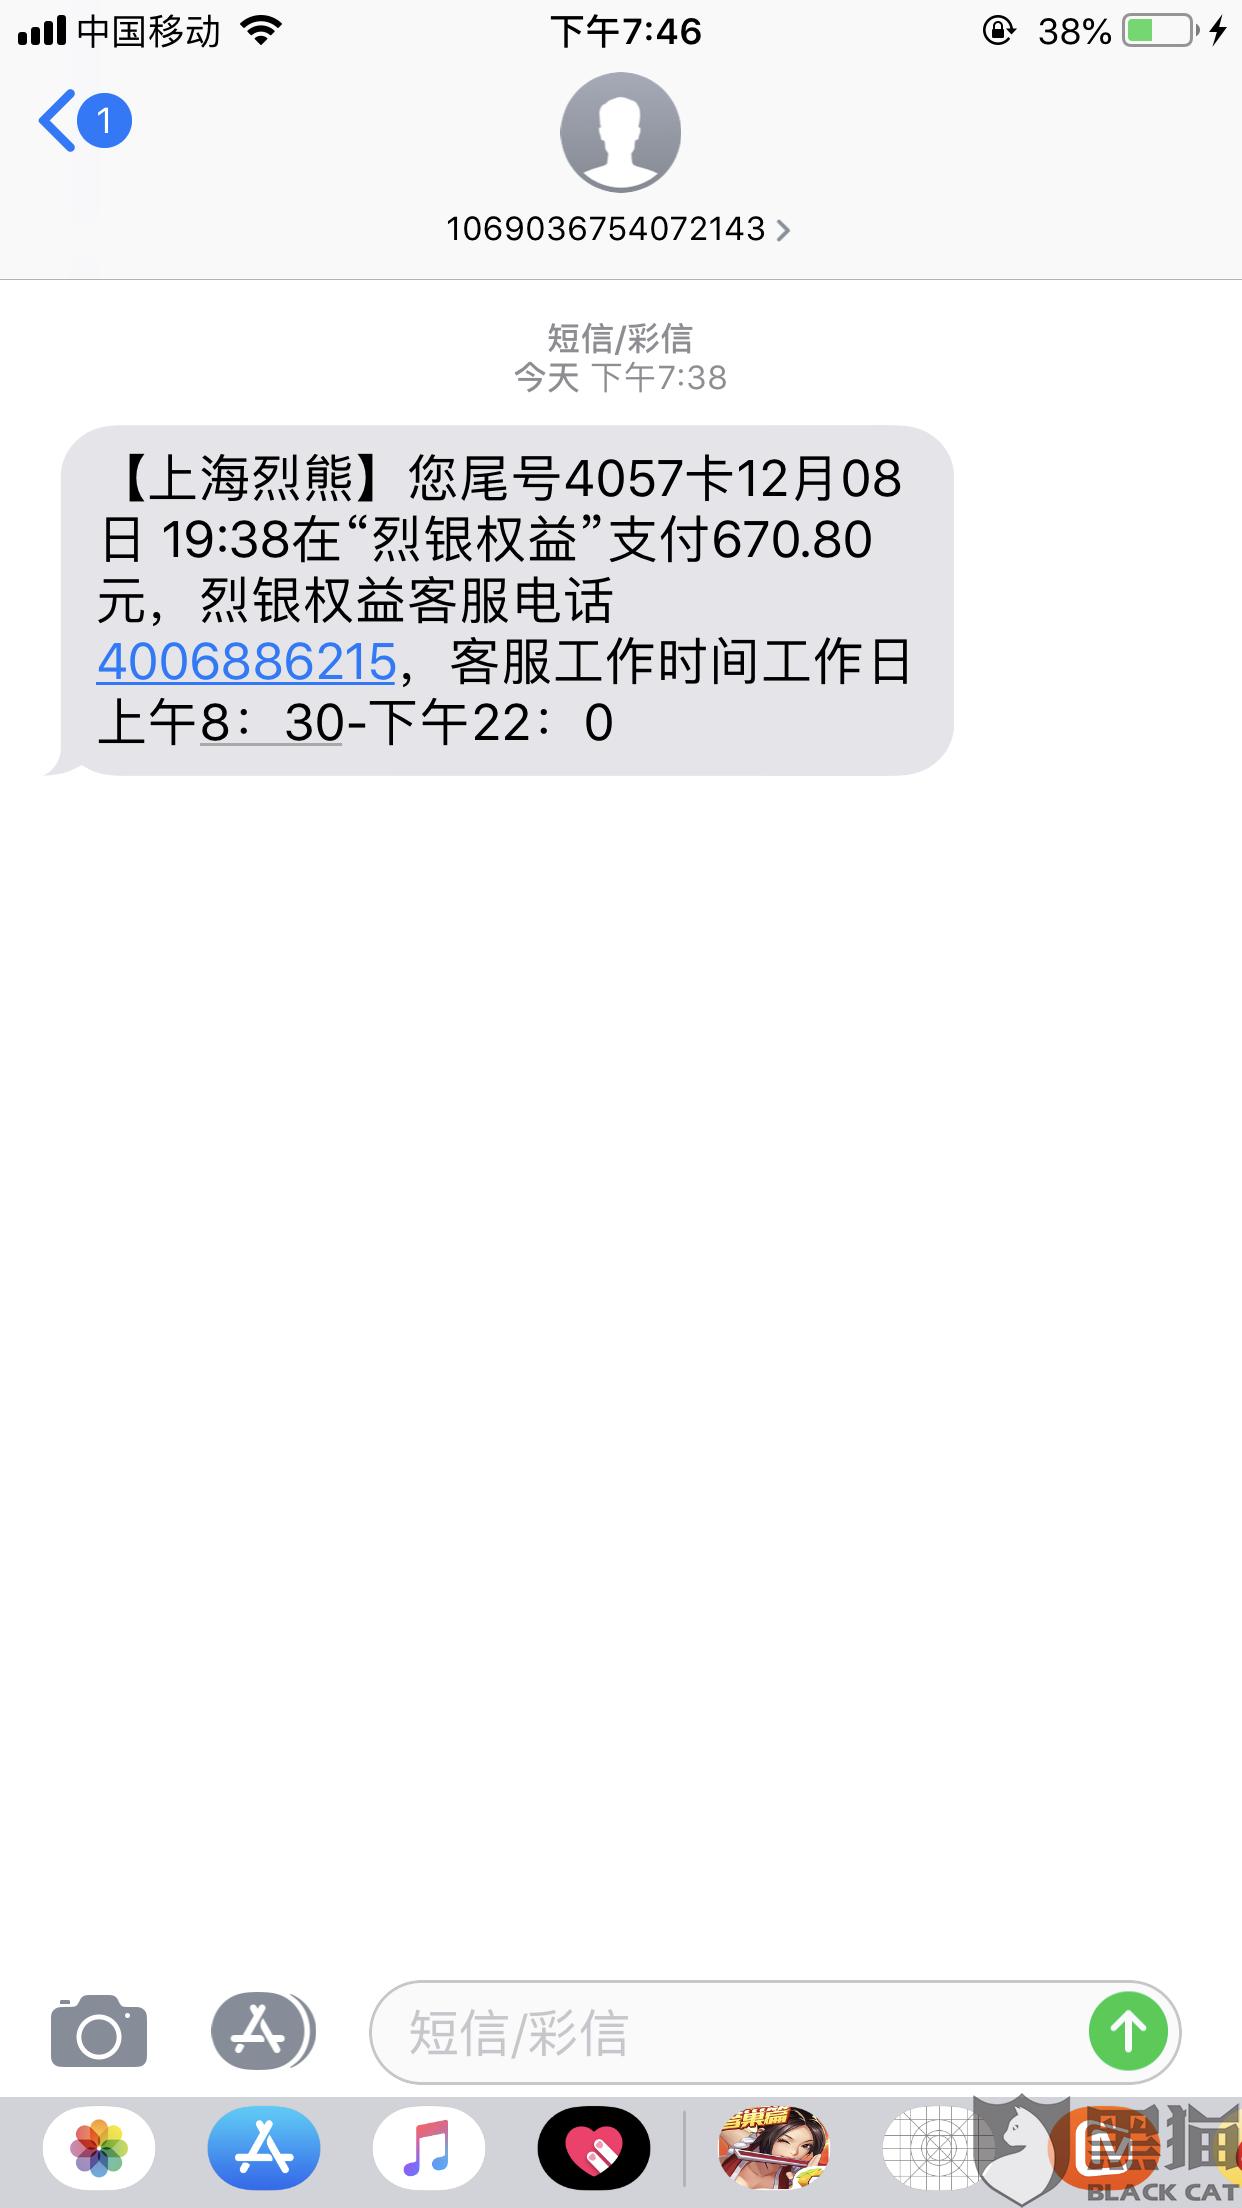 黑猫投诉:上海烈熊未经许可乱扣费